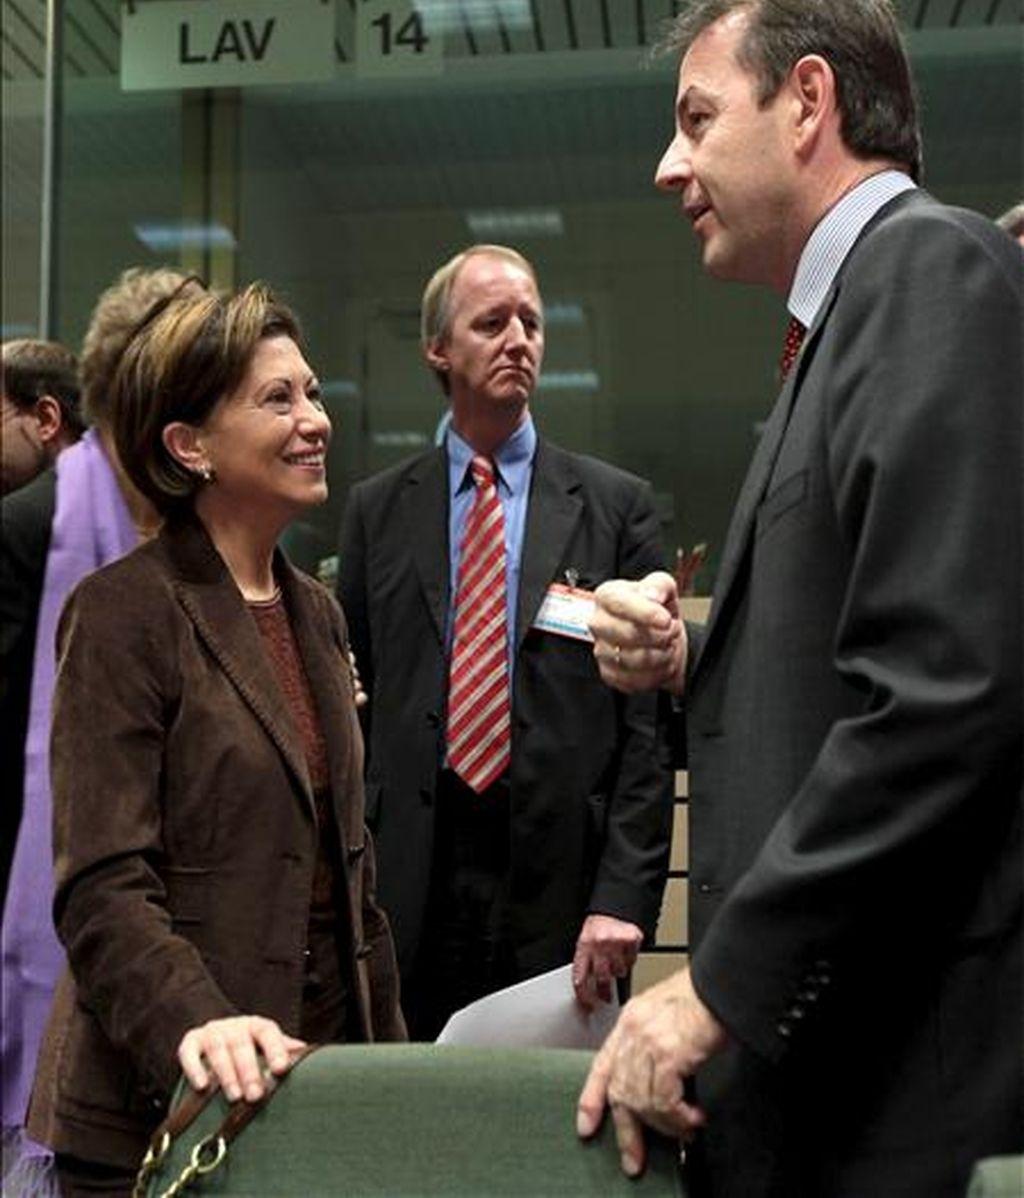 La ministra española de Medio Ambiente, Elena Espinosa (izq), conversa con el ministro austríaco de Agricultura, Nikolaus Berlakovich (dcha), durante la reunión del consejo extraordinario de ministros europeos de Medio Ambiente para preparar la cumbre de Copenhague en Bruselas (Bélgica). EFE